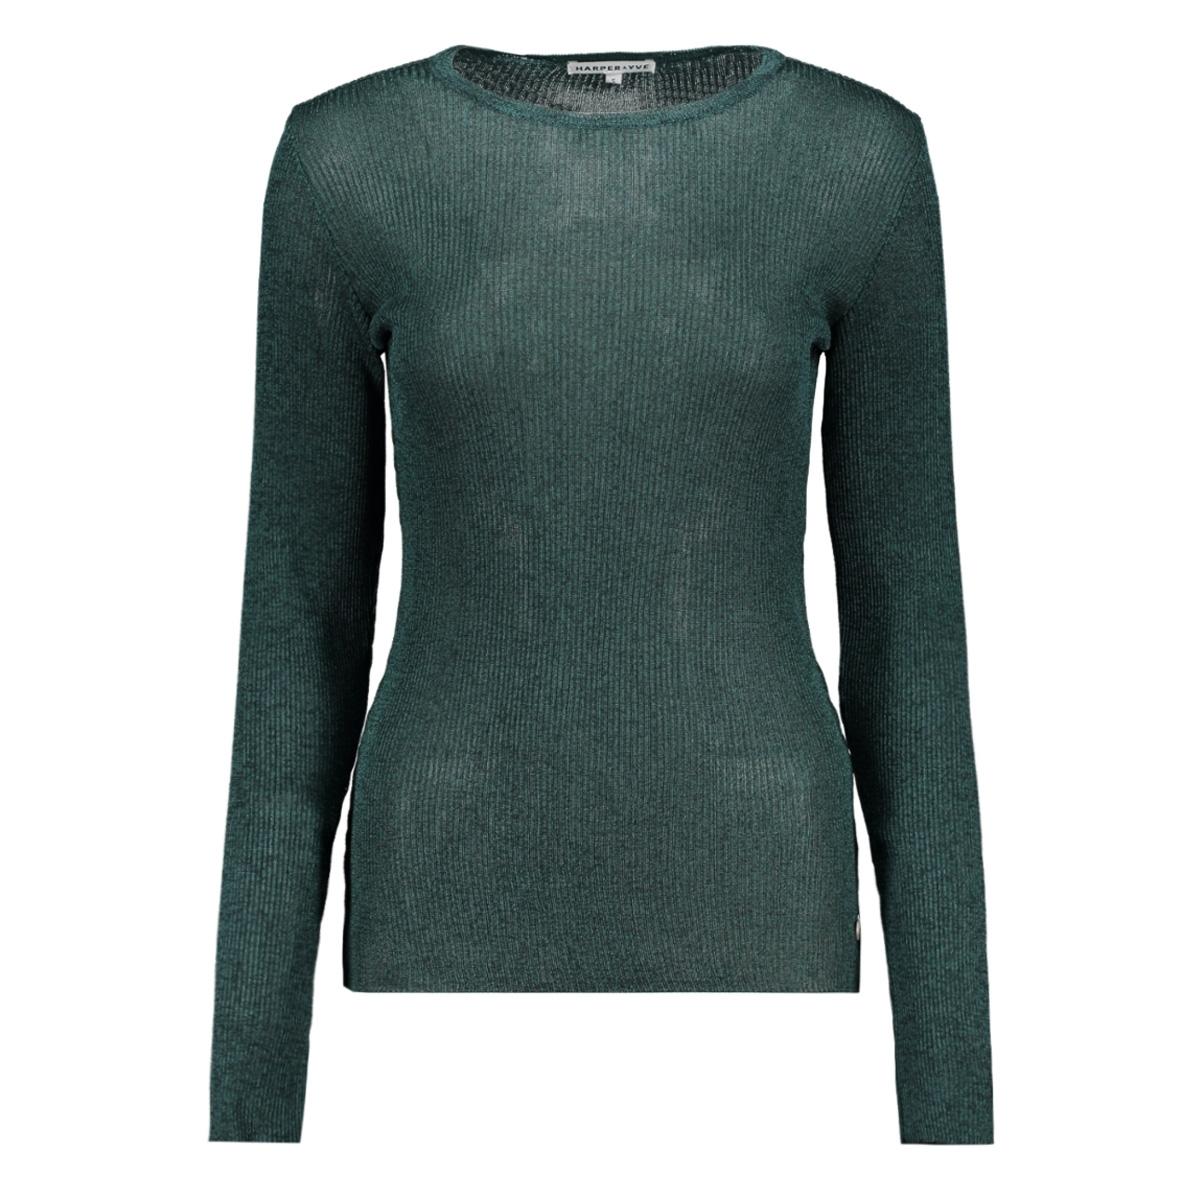 ss19r403 harper & yve t-shirt 667 bottle green